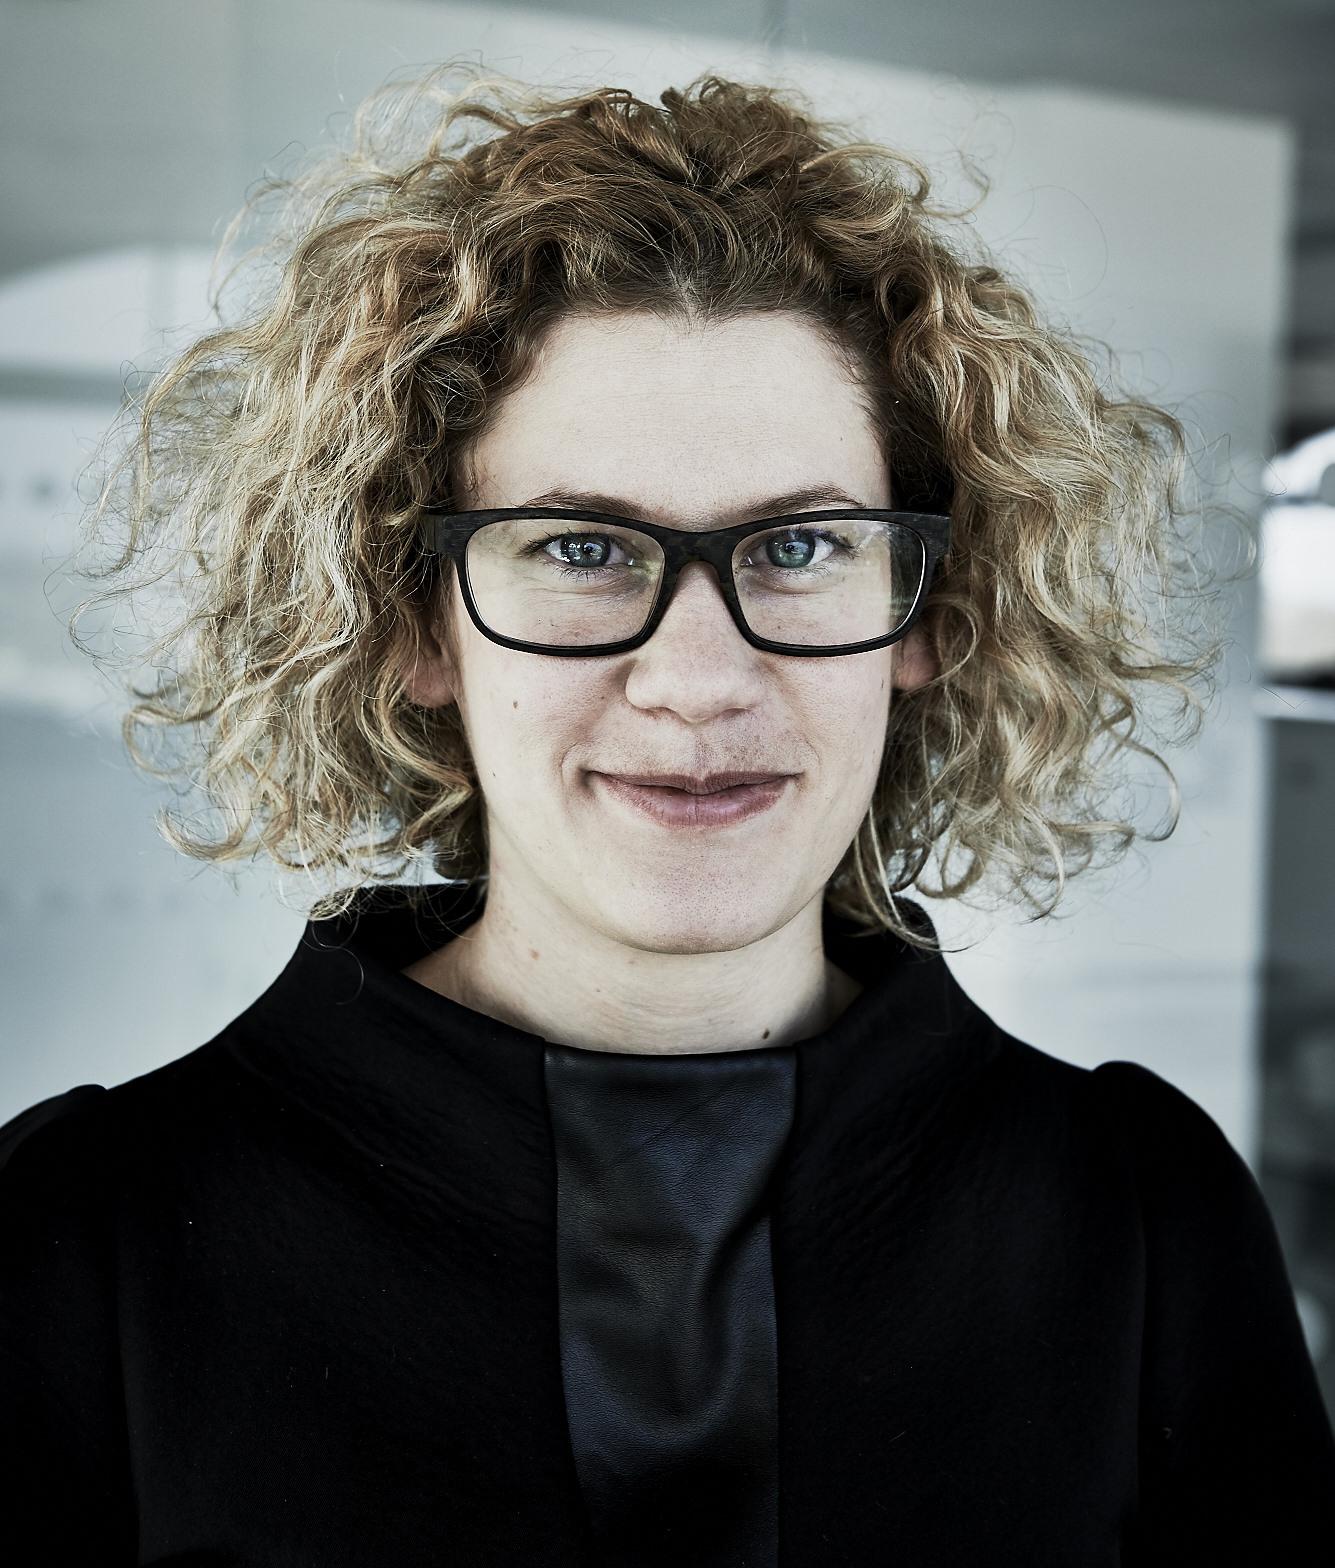 Lisa Rammig